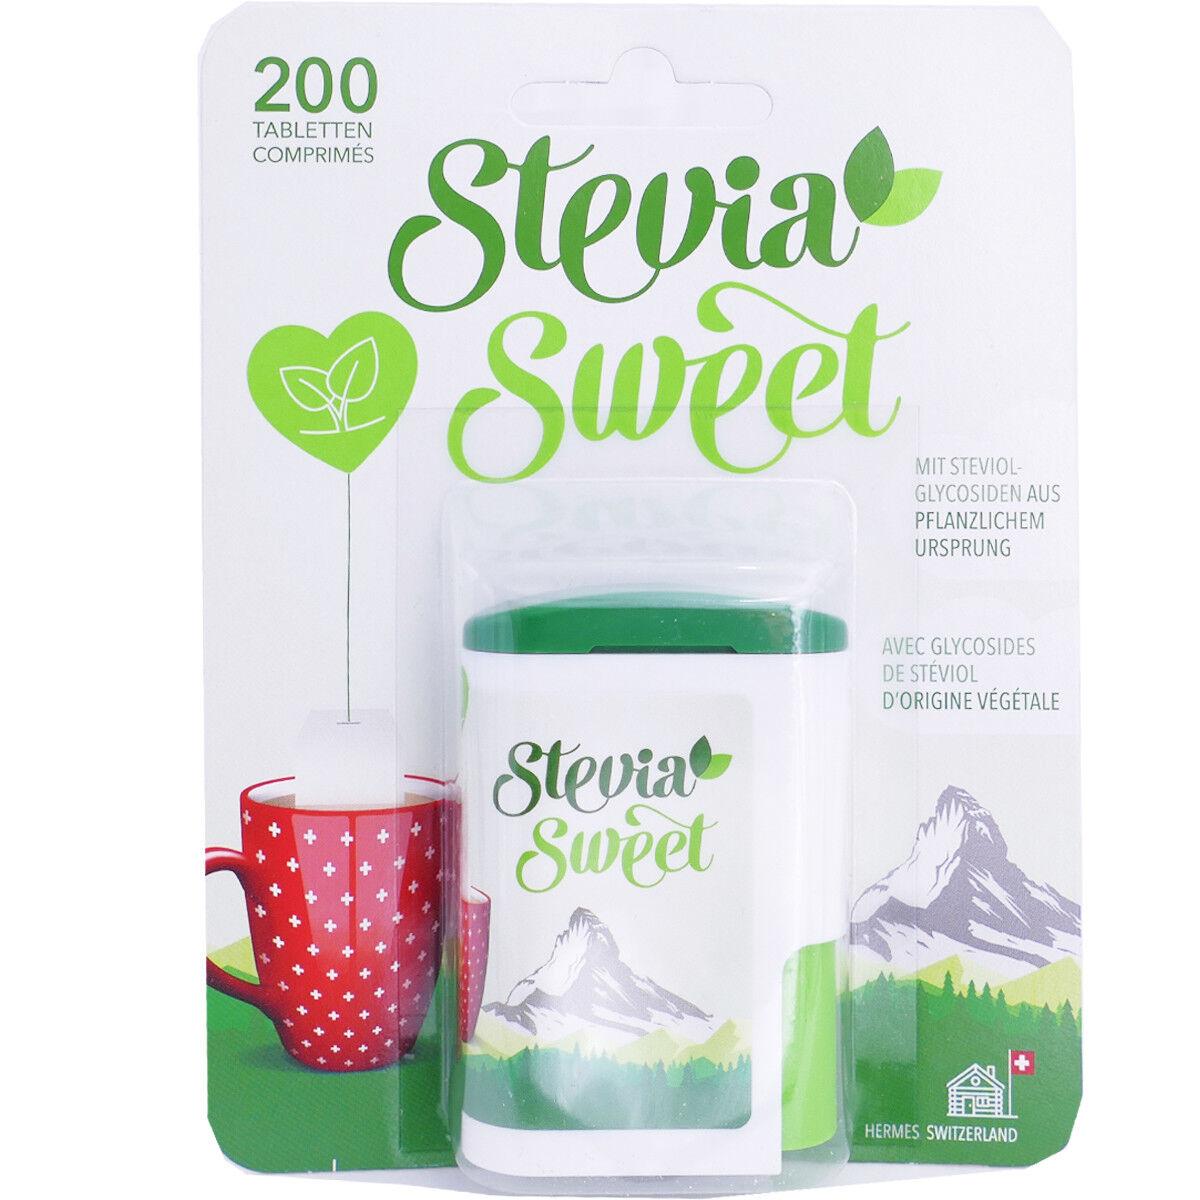 DIVERS Stevia sweet 200 comprimes